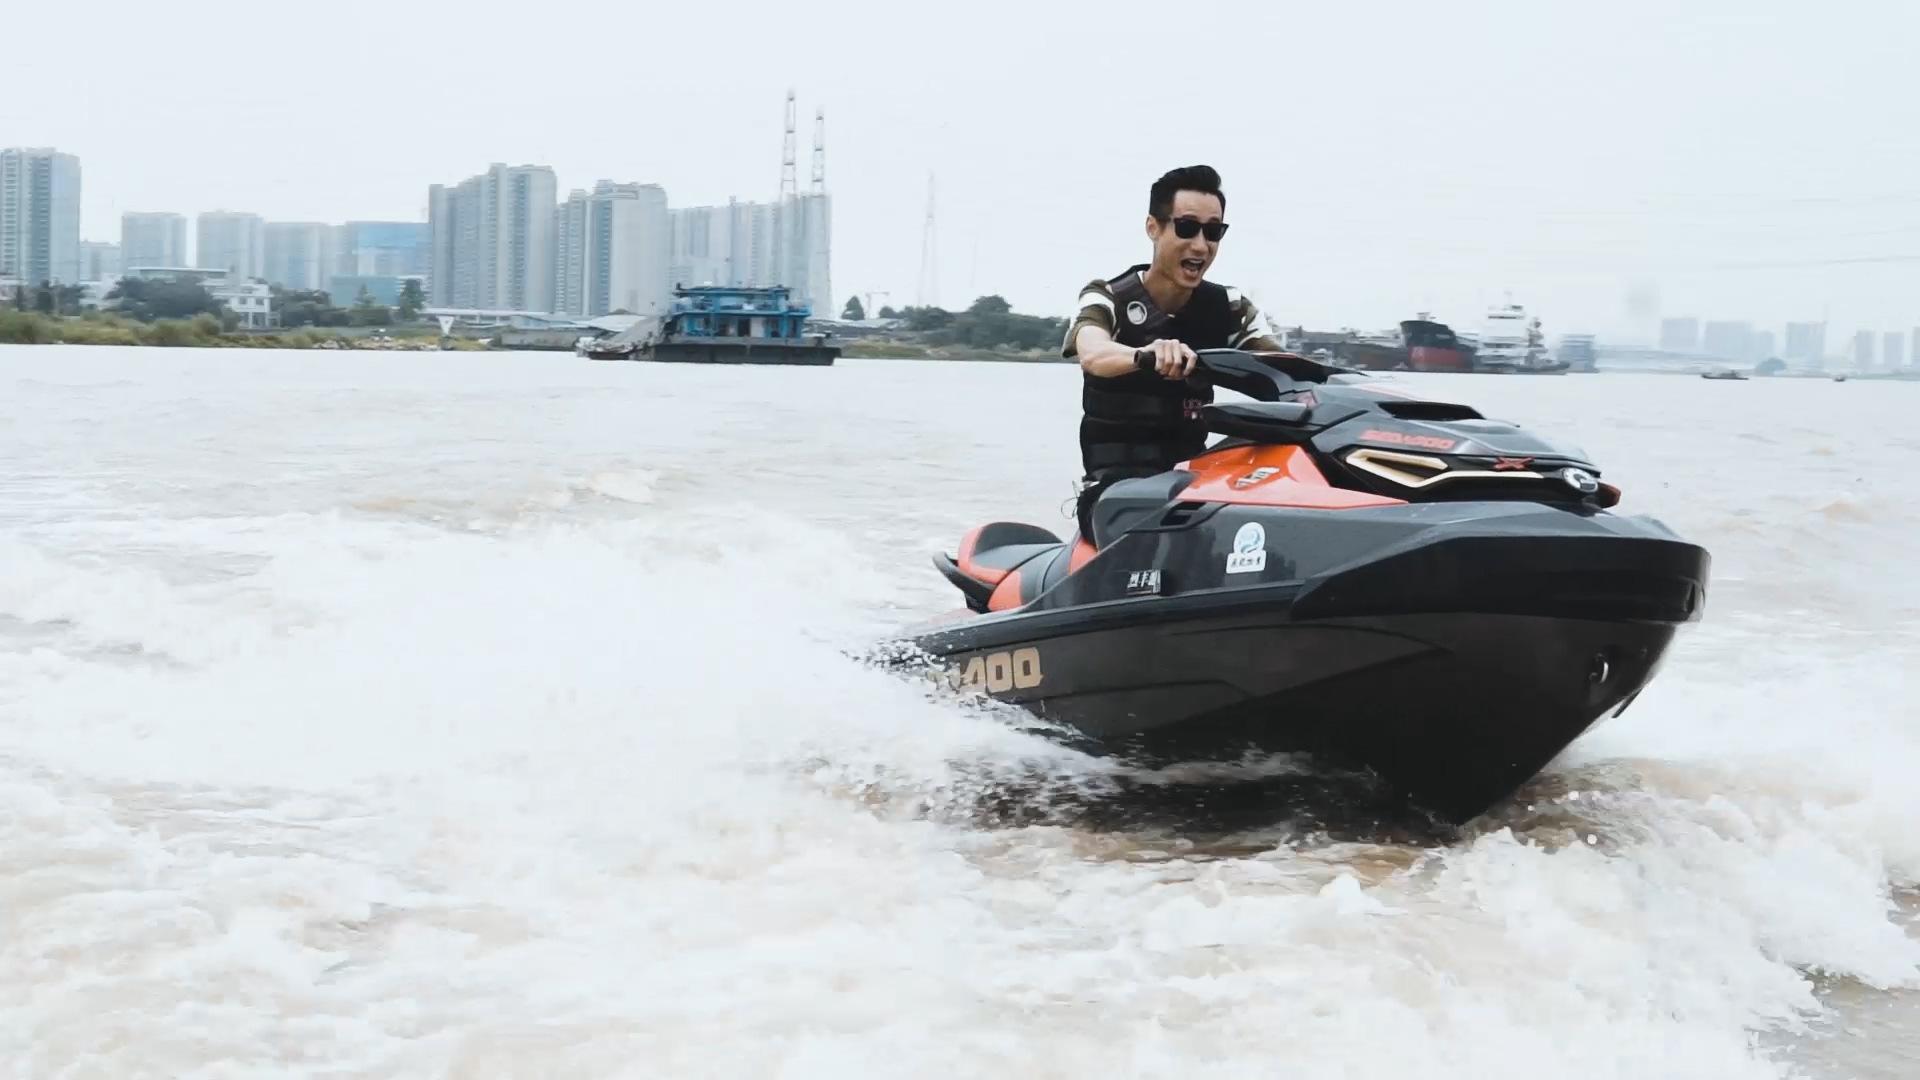 袁启聪试驾庞巴迪摩托艇,300匹马力在水上飞是什么体验?